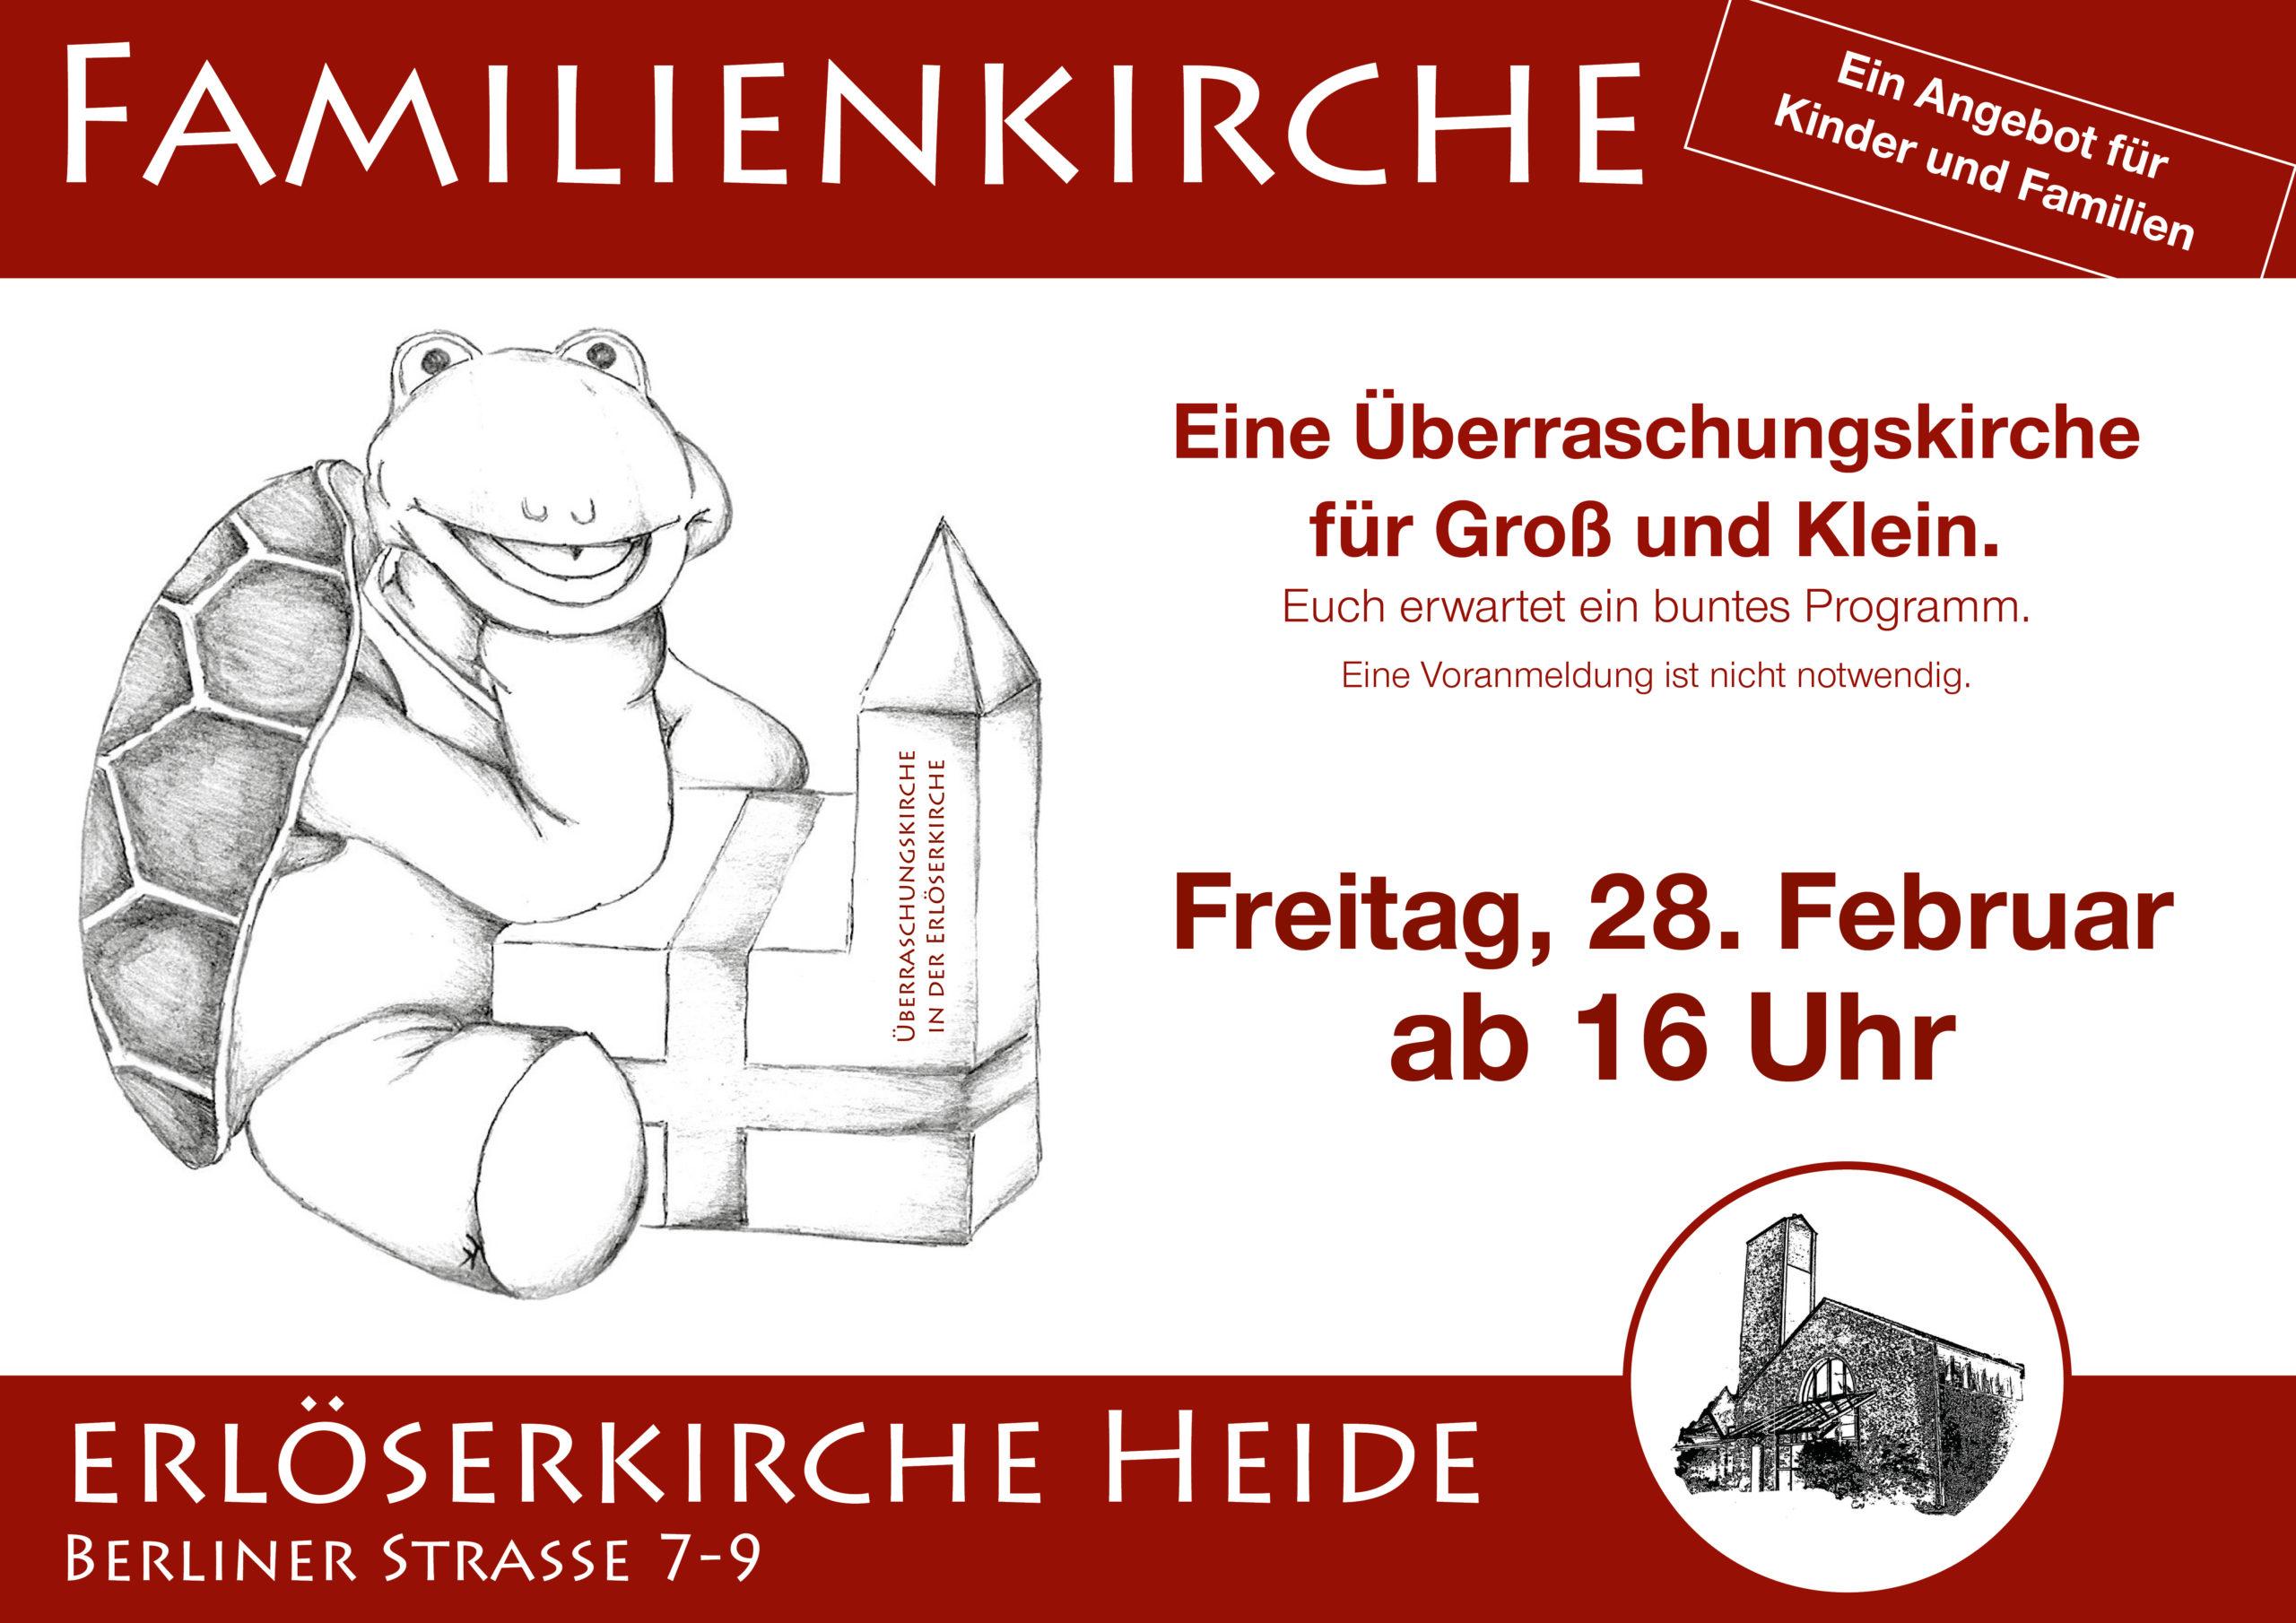 Familienkirche in Heide 28.02.